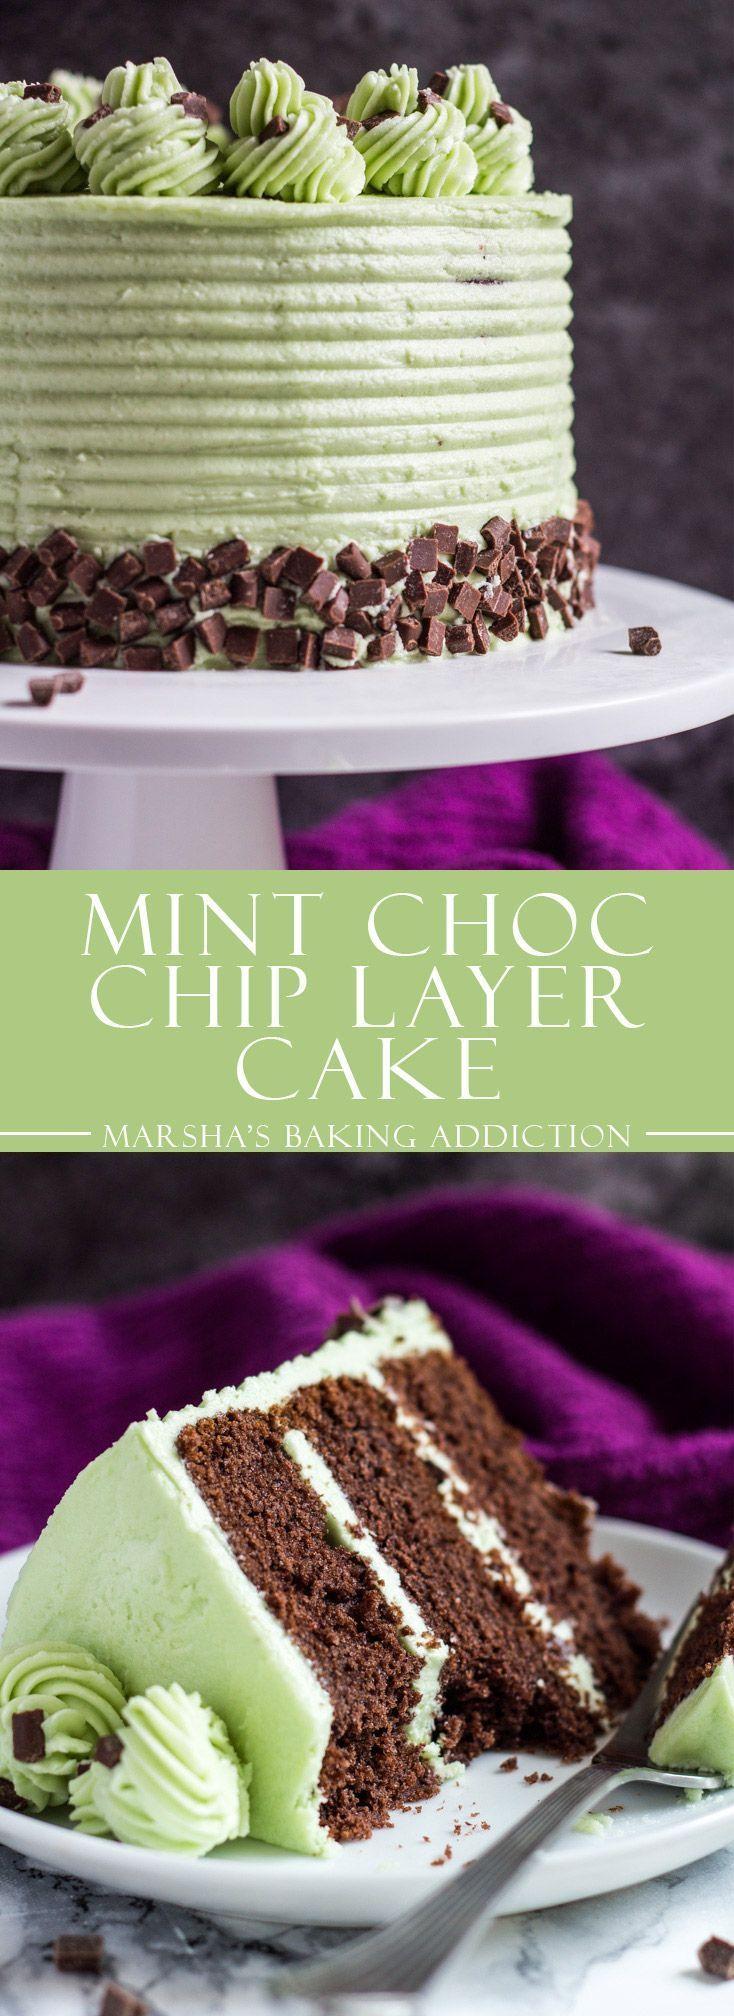 Mint Chocolate Chip Layer Cake | http://marshasbakingaddiction.com /marshasbakeblog/